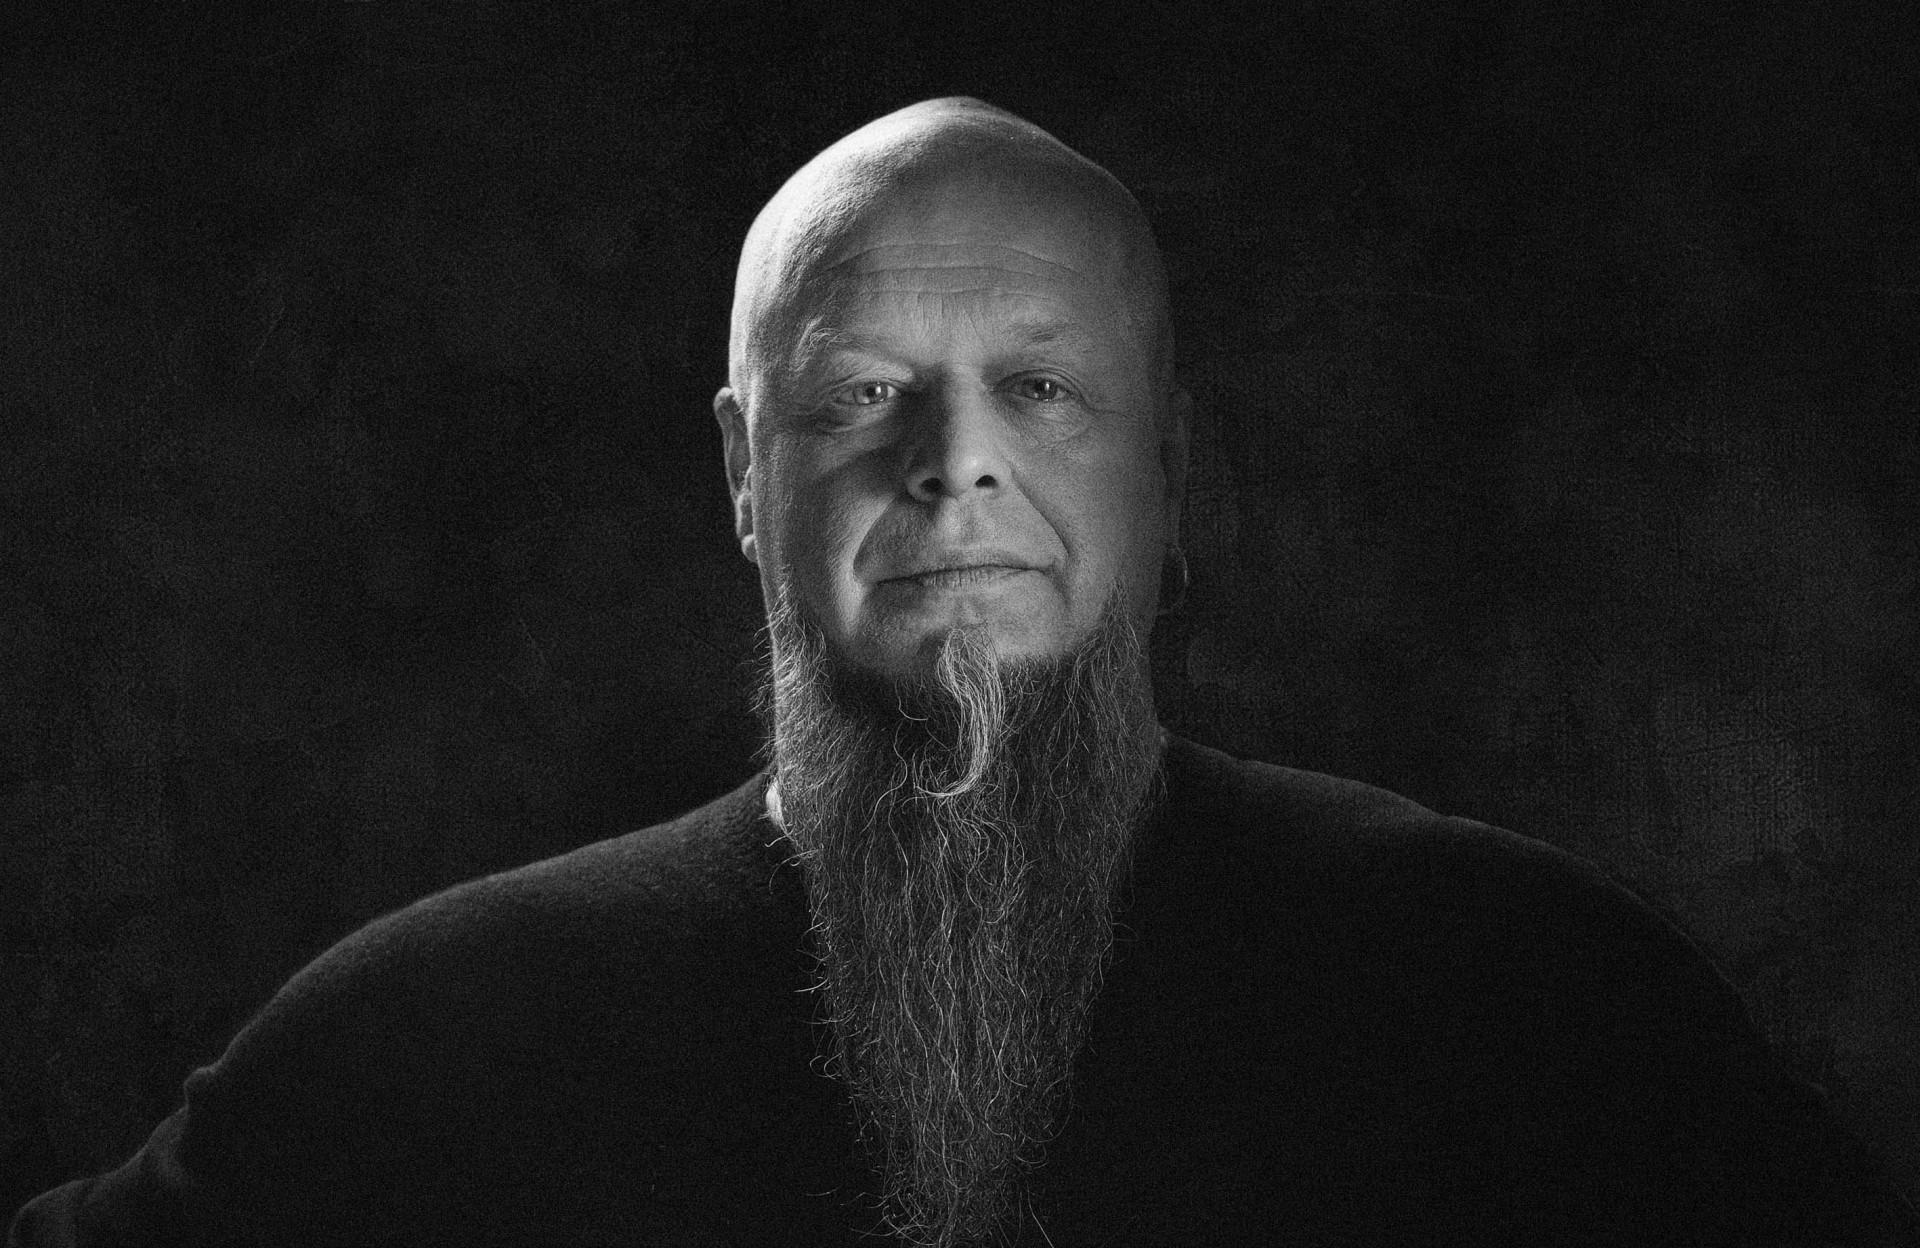 Борис Гребенщиков, 2008г.